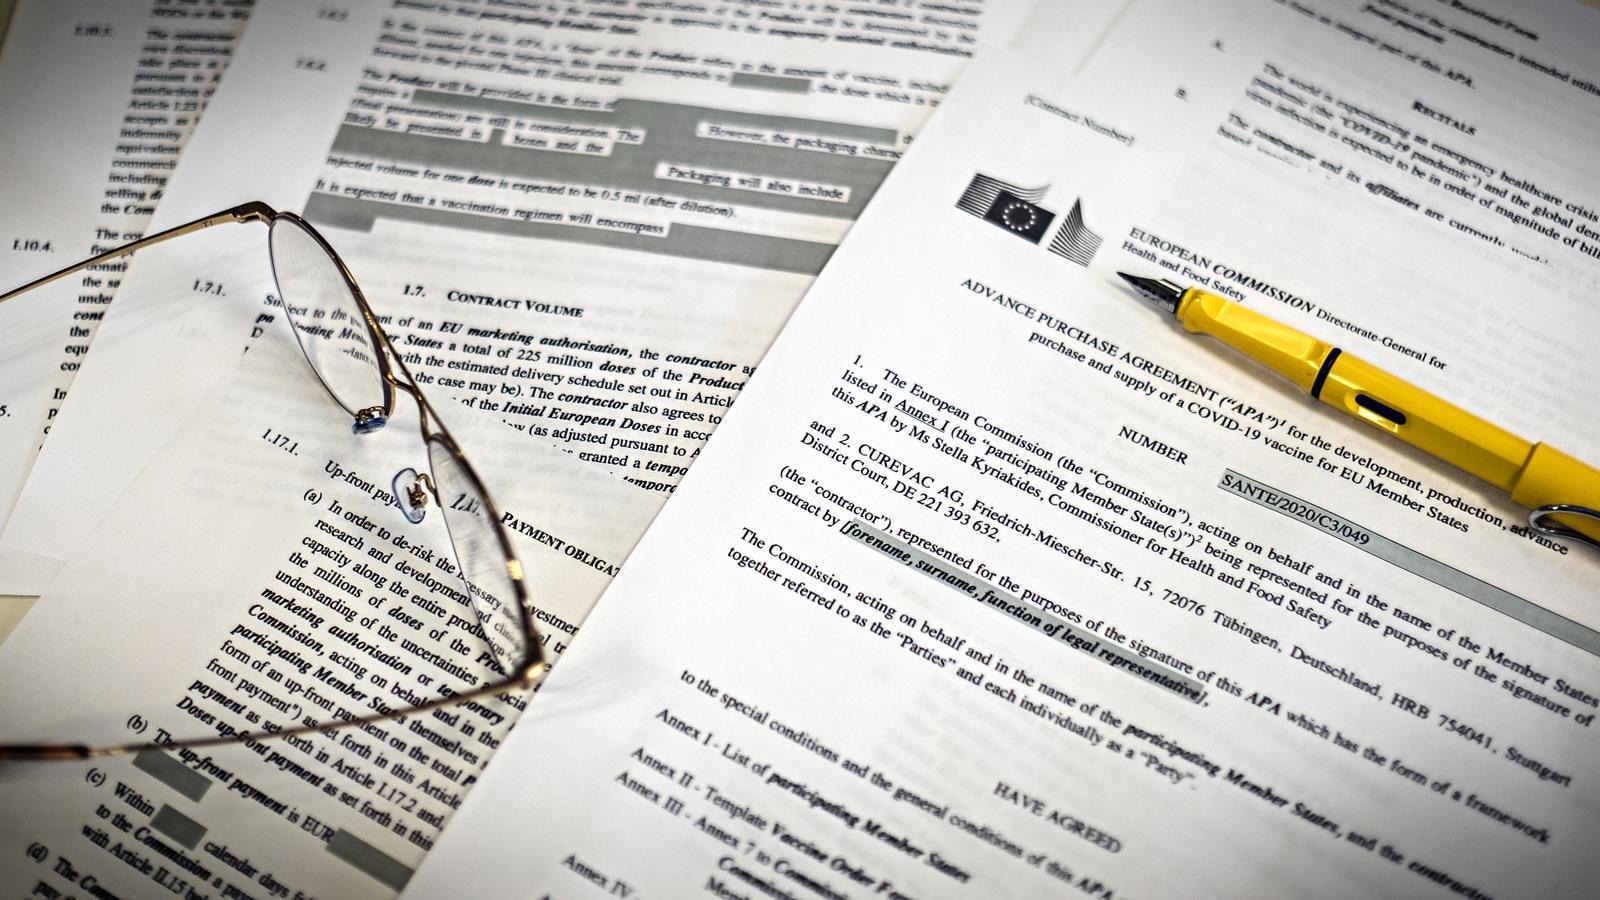 El contracte de Curevac censurat i publicat per la Comissió Europea.